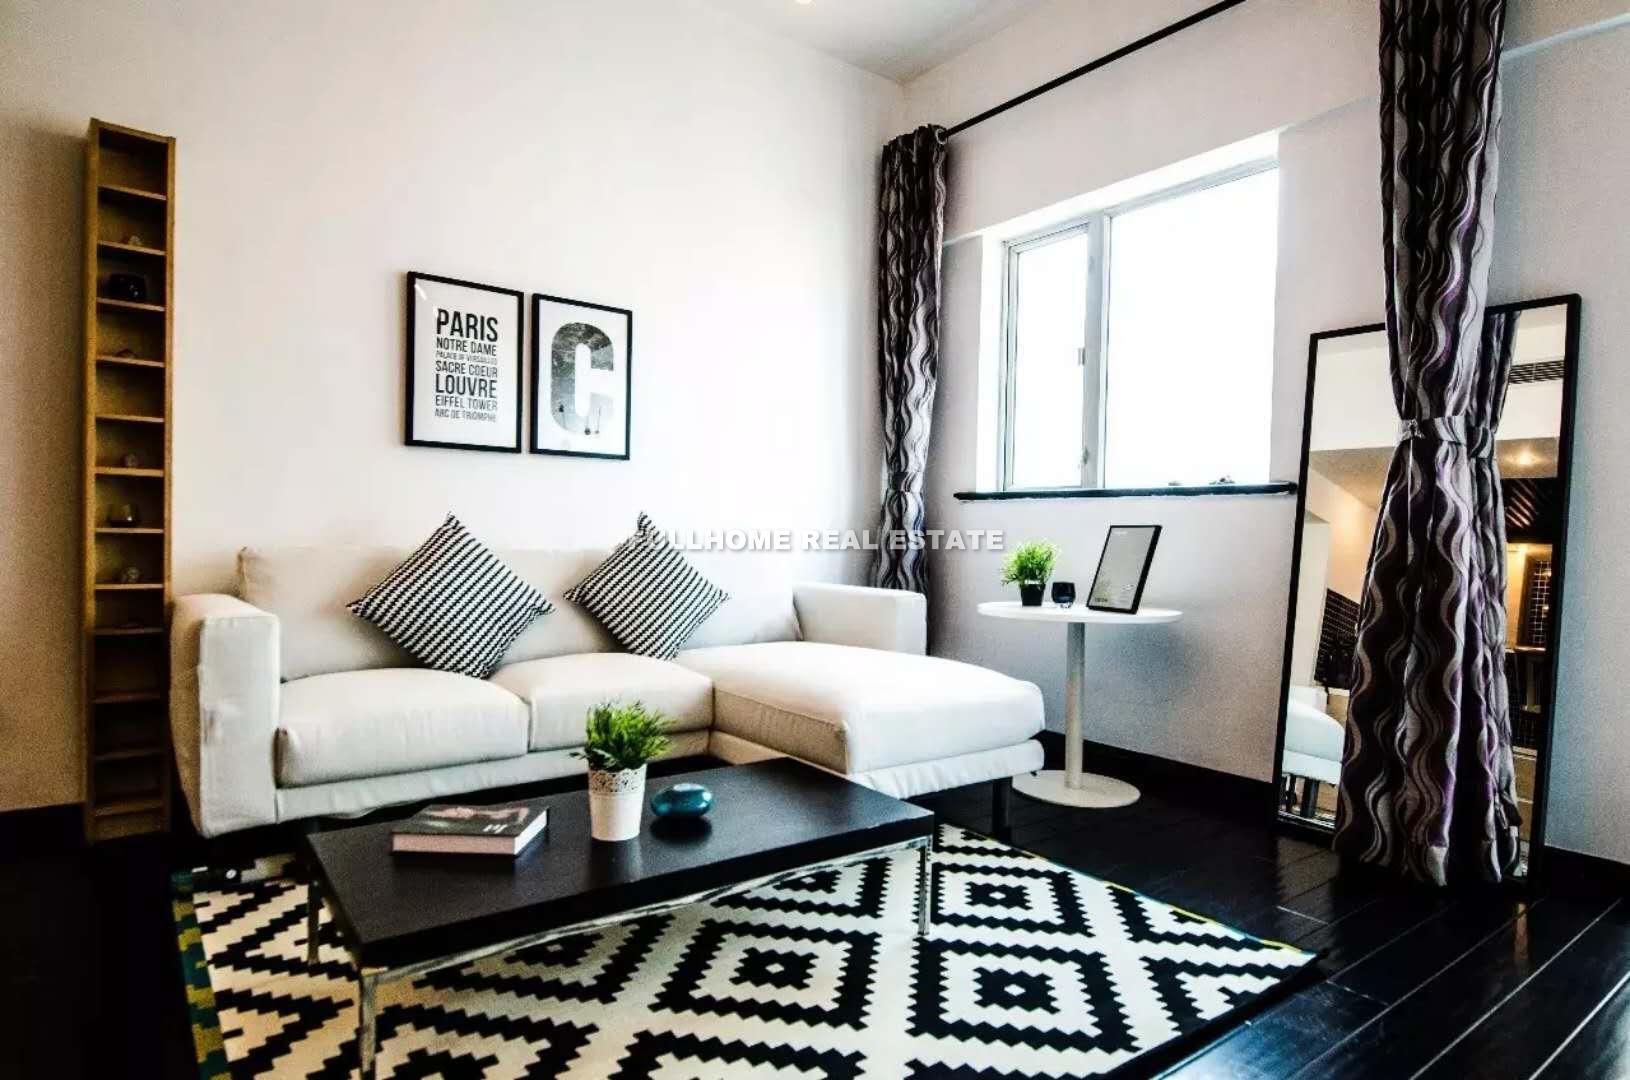 Shanghai La Residence for Rent